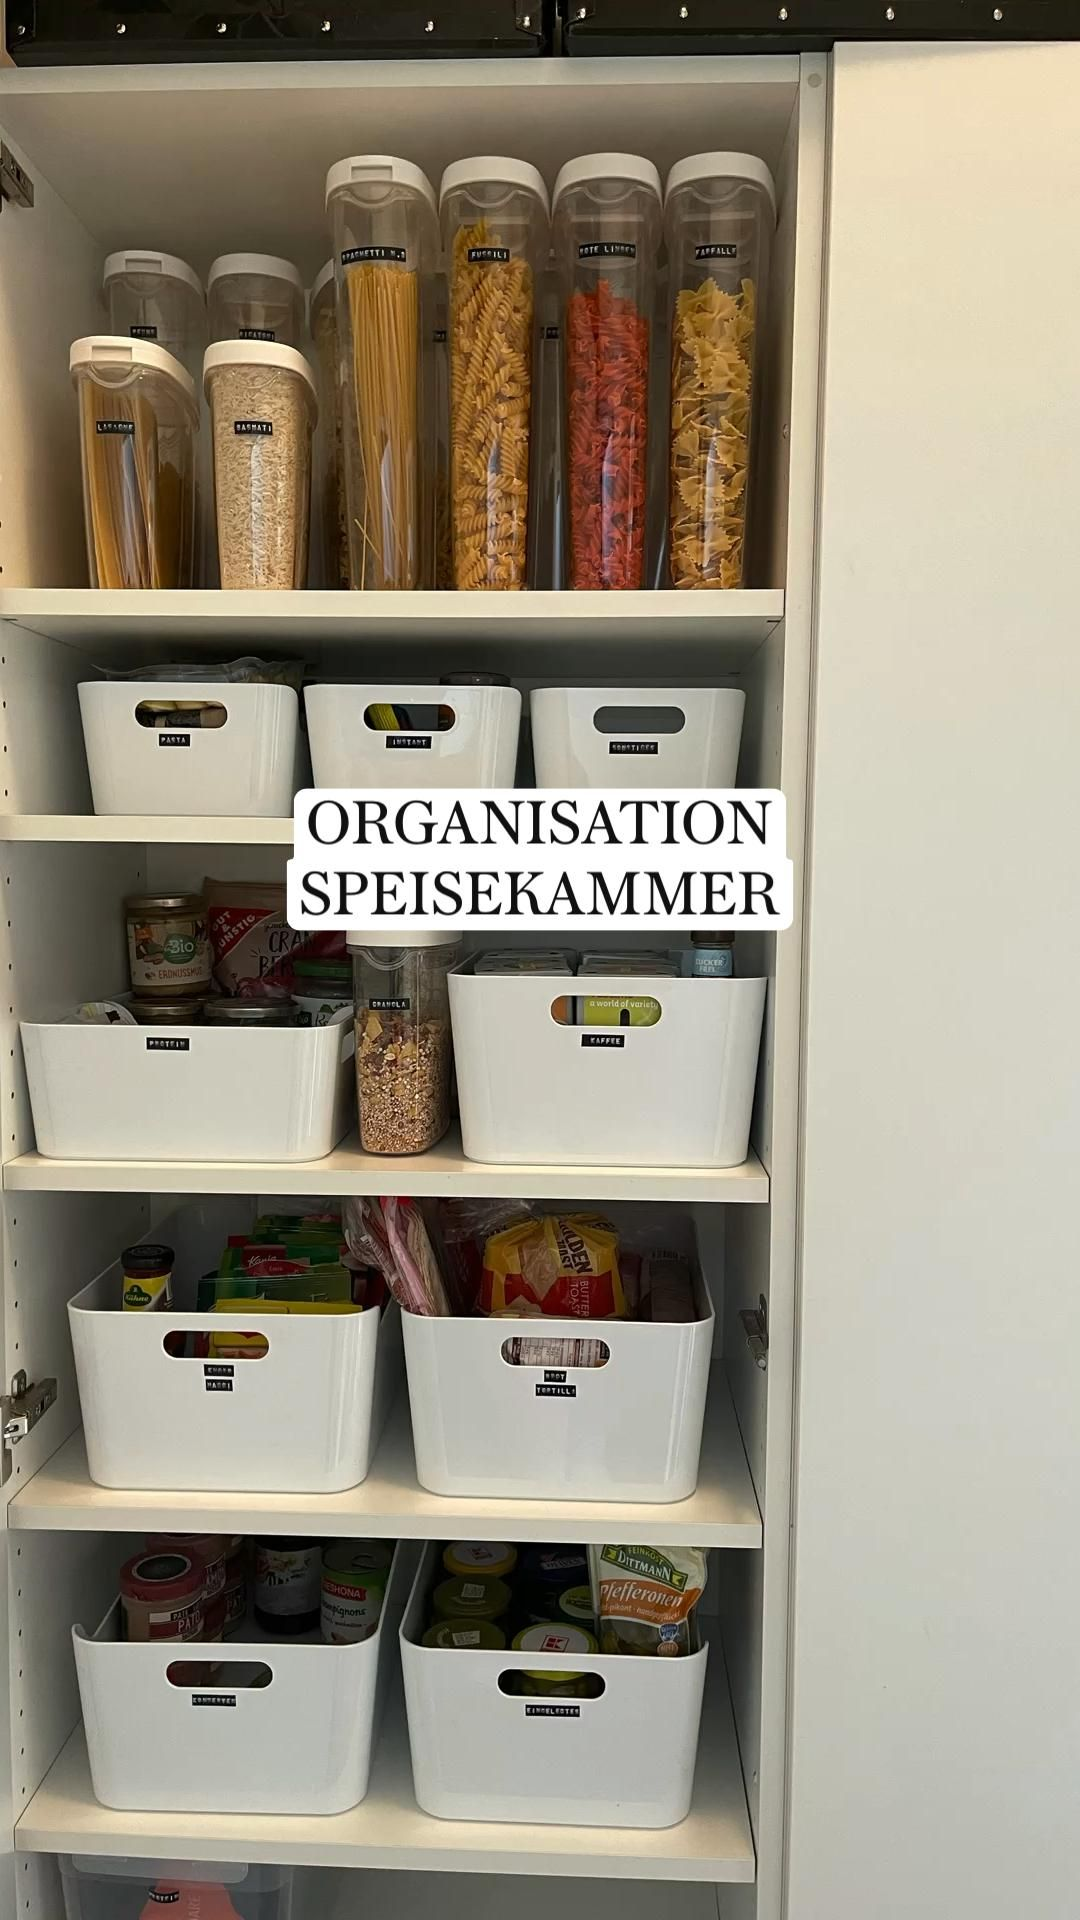 ORGANISATION  SPEISEKAMMER - Organisation Küche  organisation  küche  speisekammer  aufbewahrung